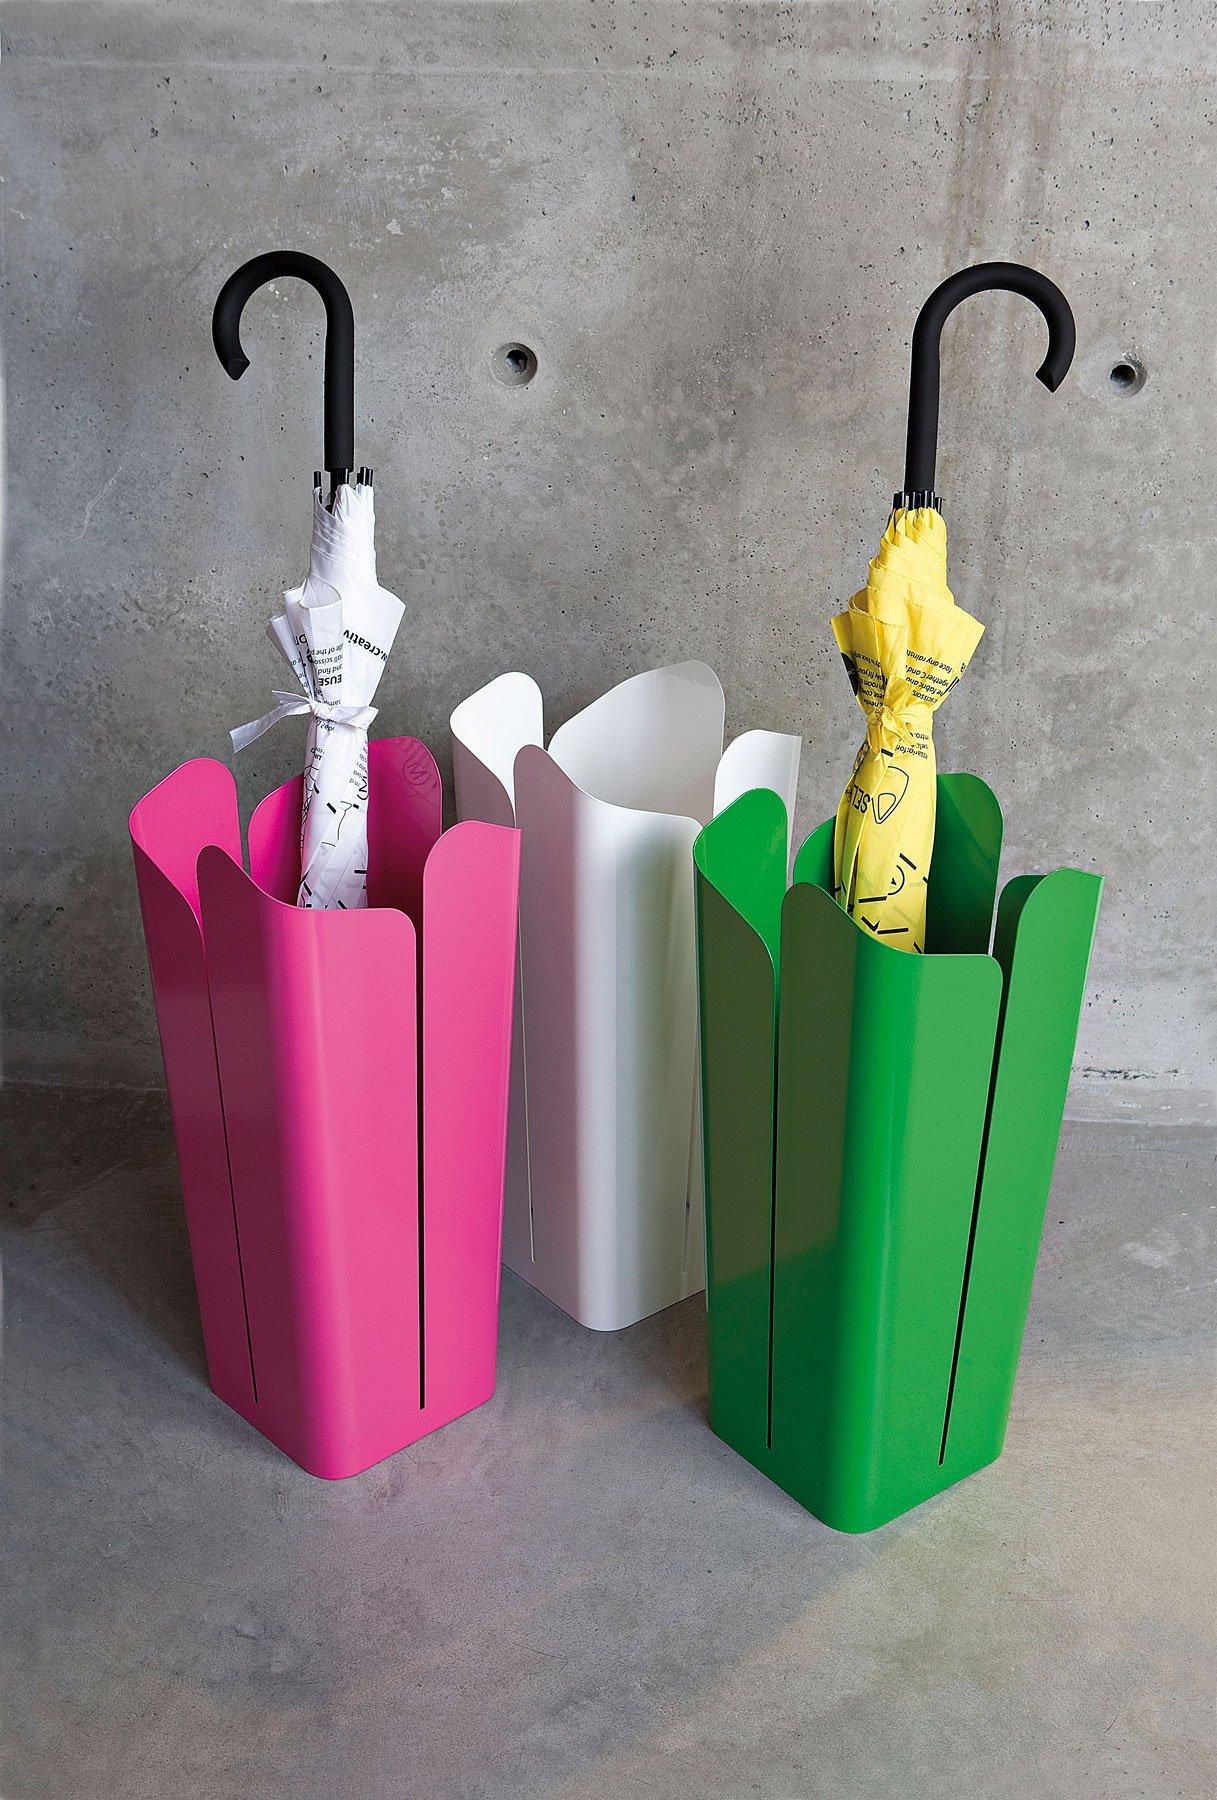 Portaombrelli trova il pi adatto al tuo ambiente cose di casa - Portaombrelli design originale ...